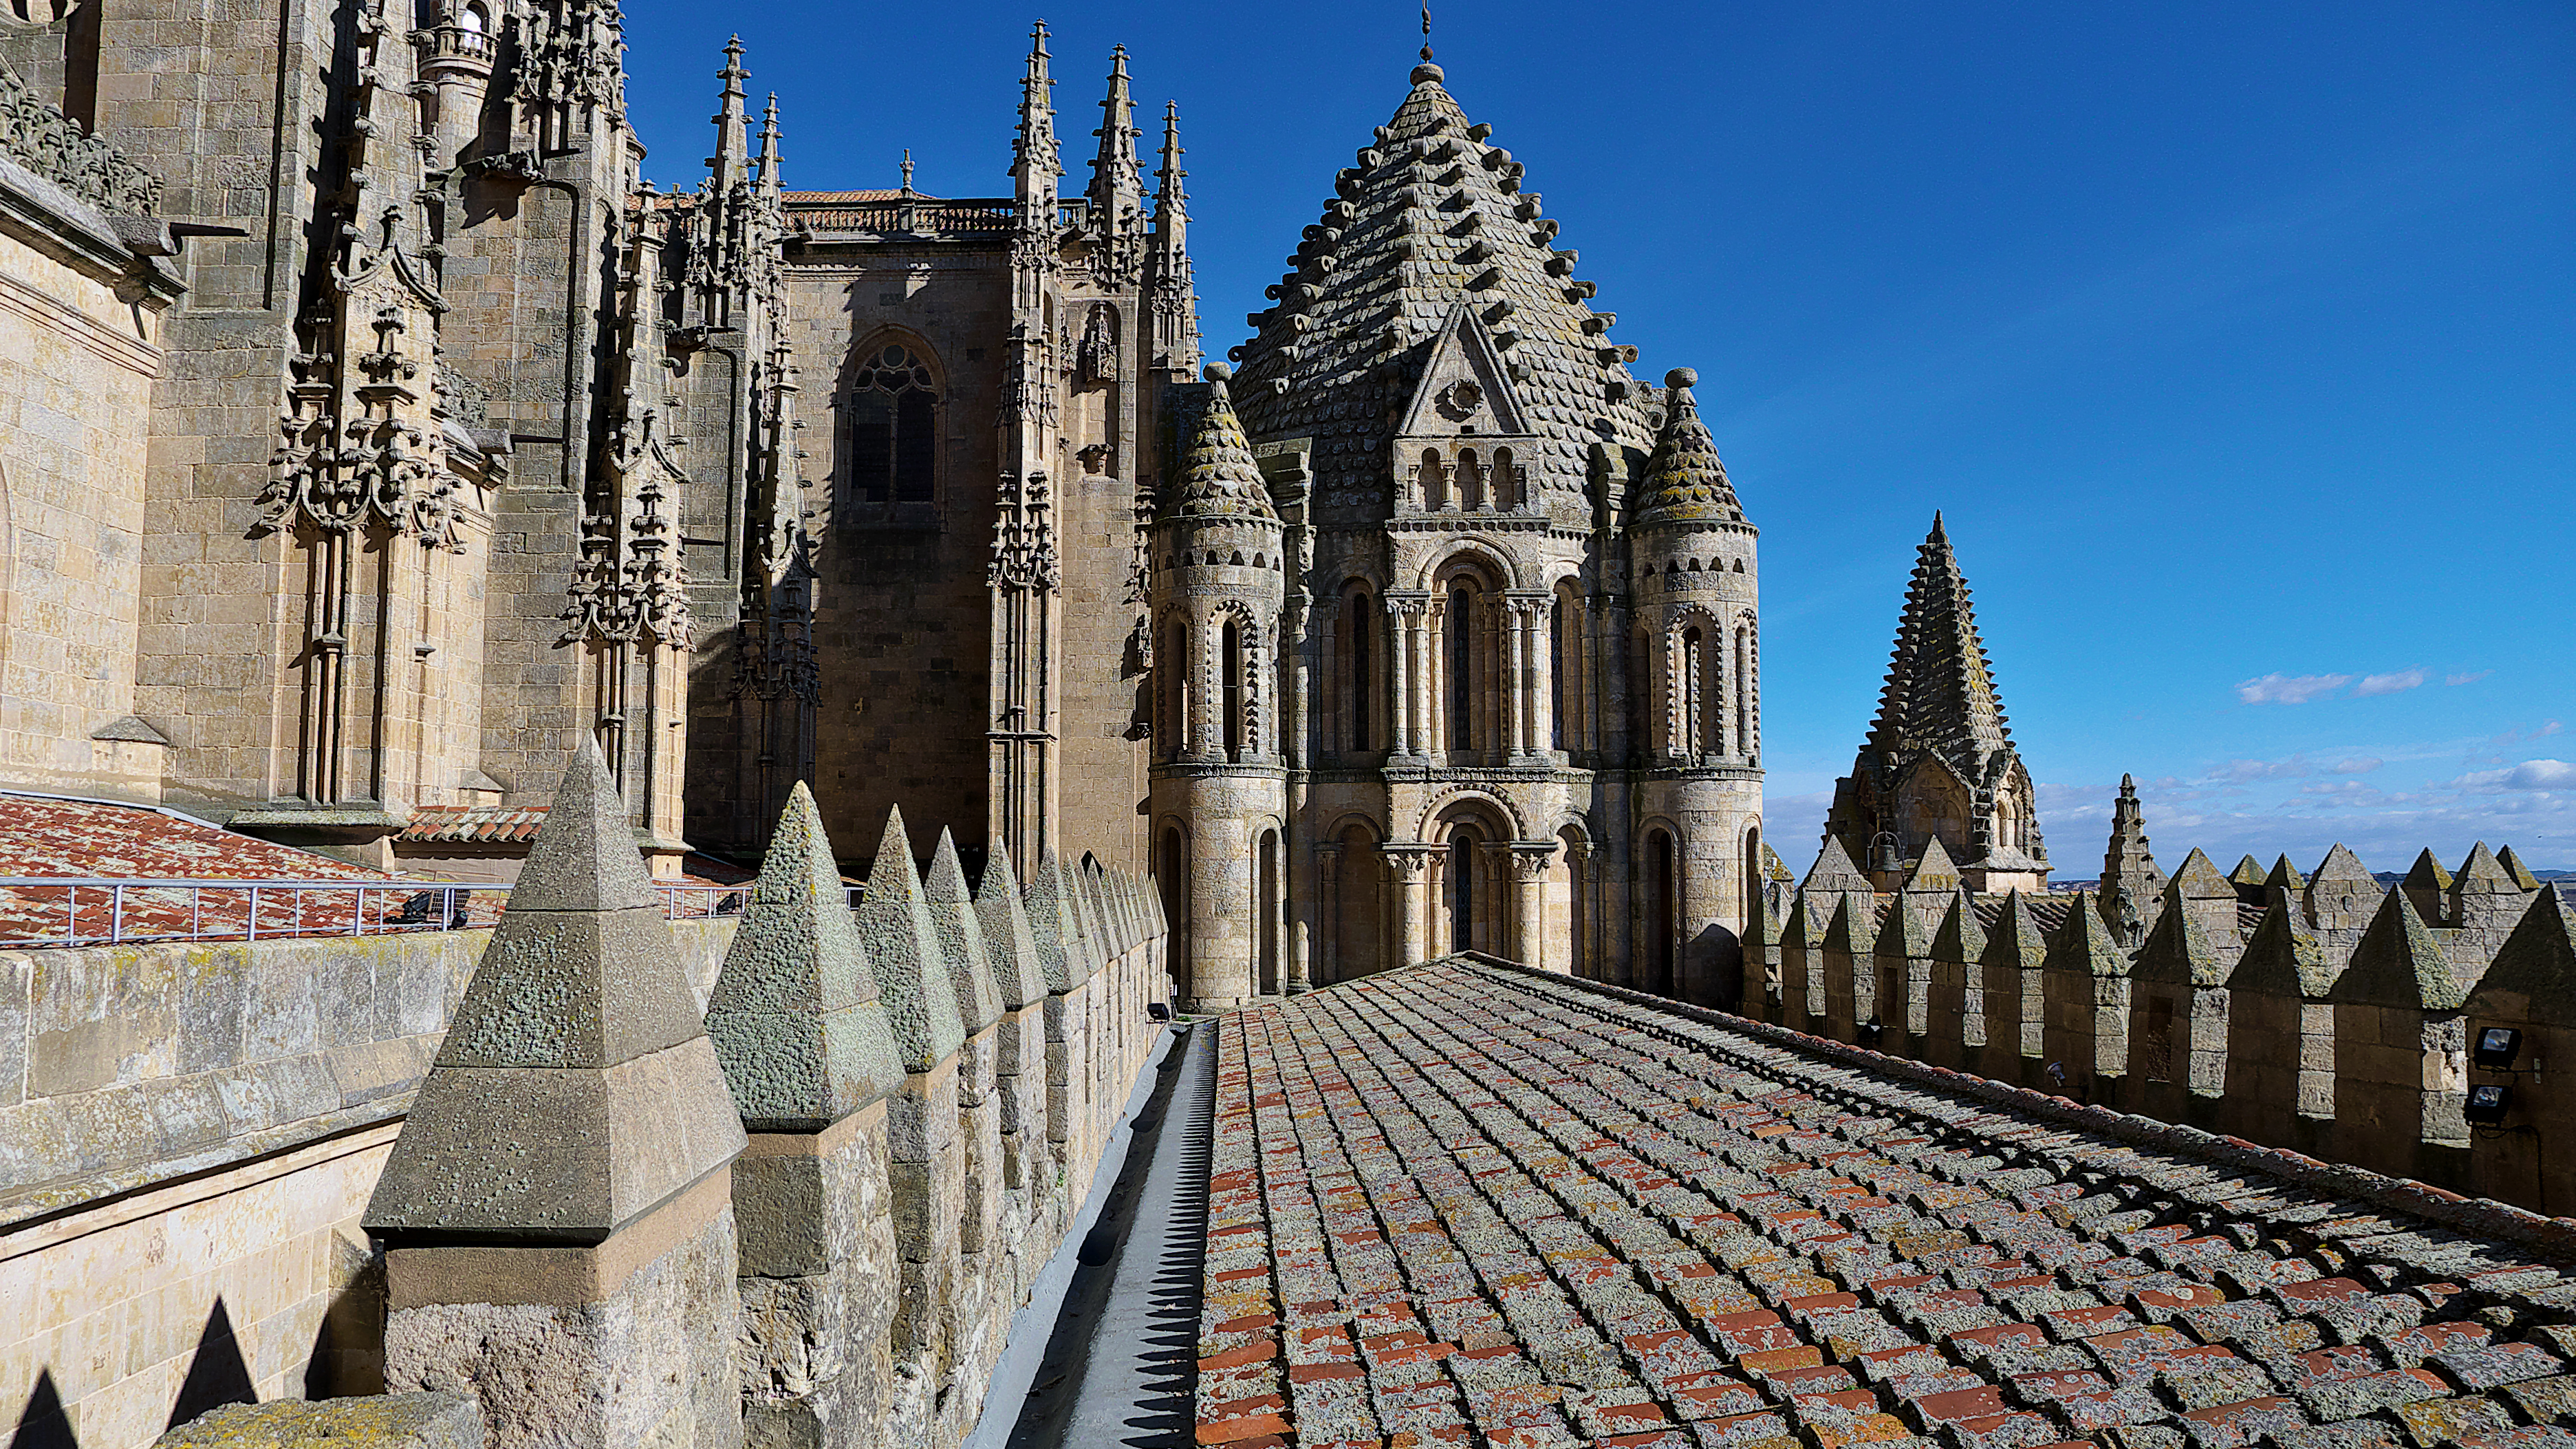 ਤਸਵੀਰ:Catedral Vieja de Salamanca. Torre y cubiertas.jpg - ਵਿਕੀਪੀਡੀਆ, ਇਕ ਅਜ਼ਾ...